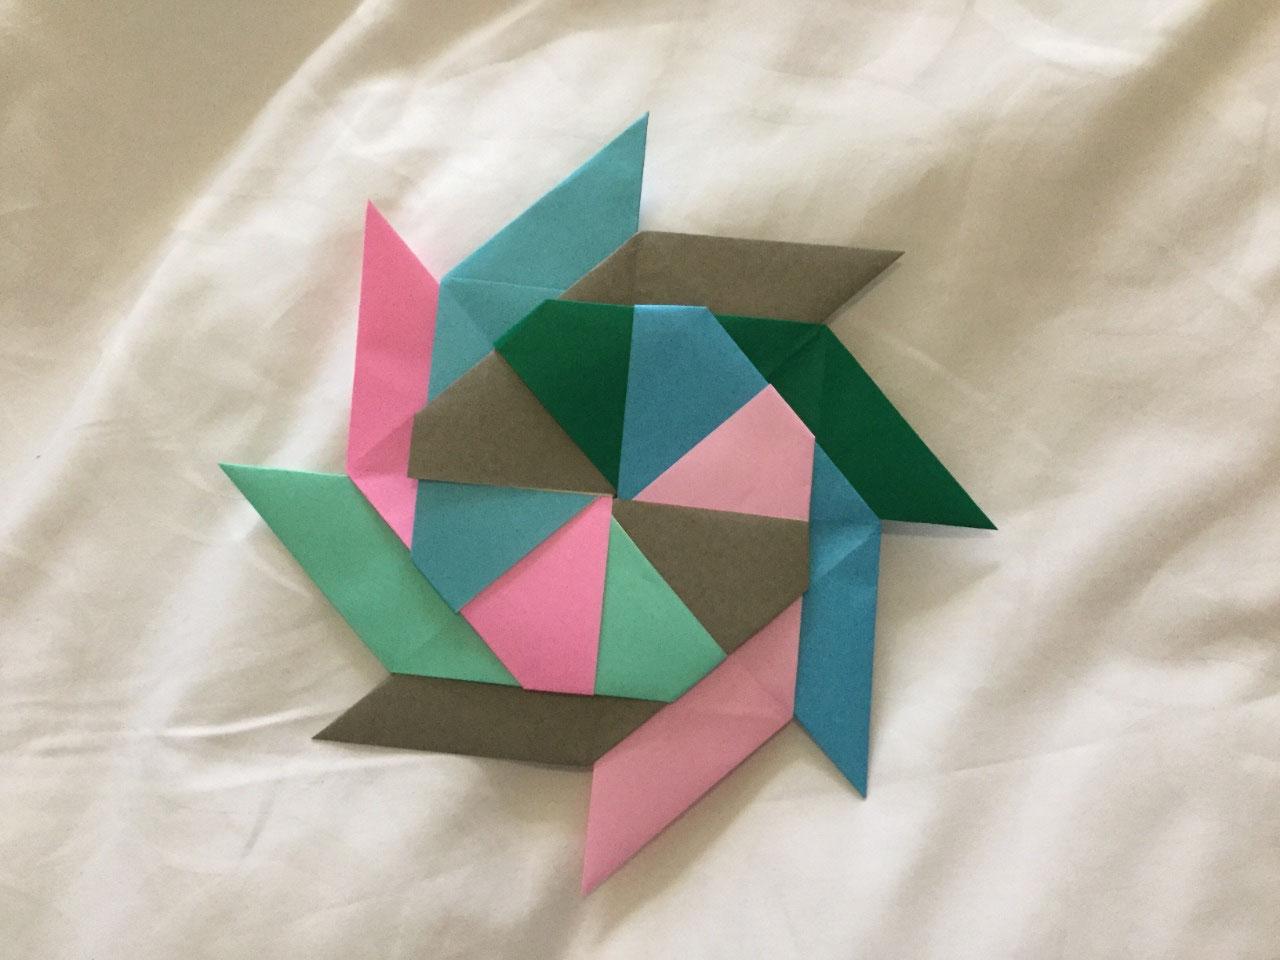 Converts to pinwheel